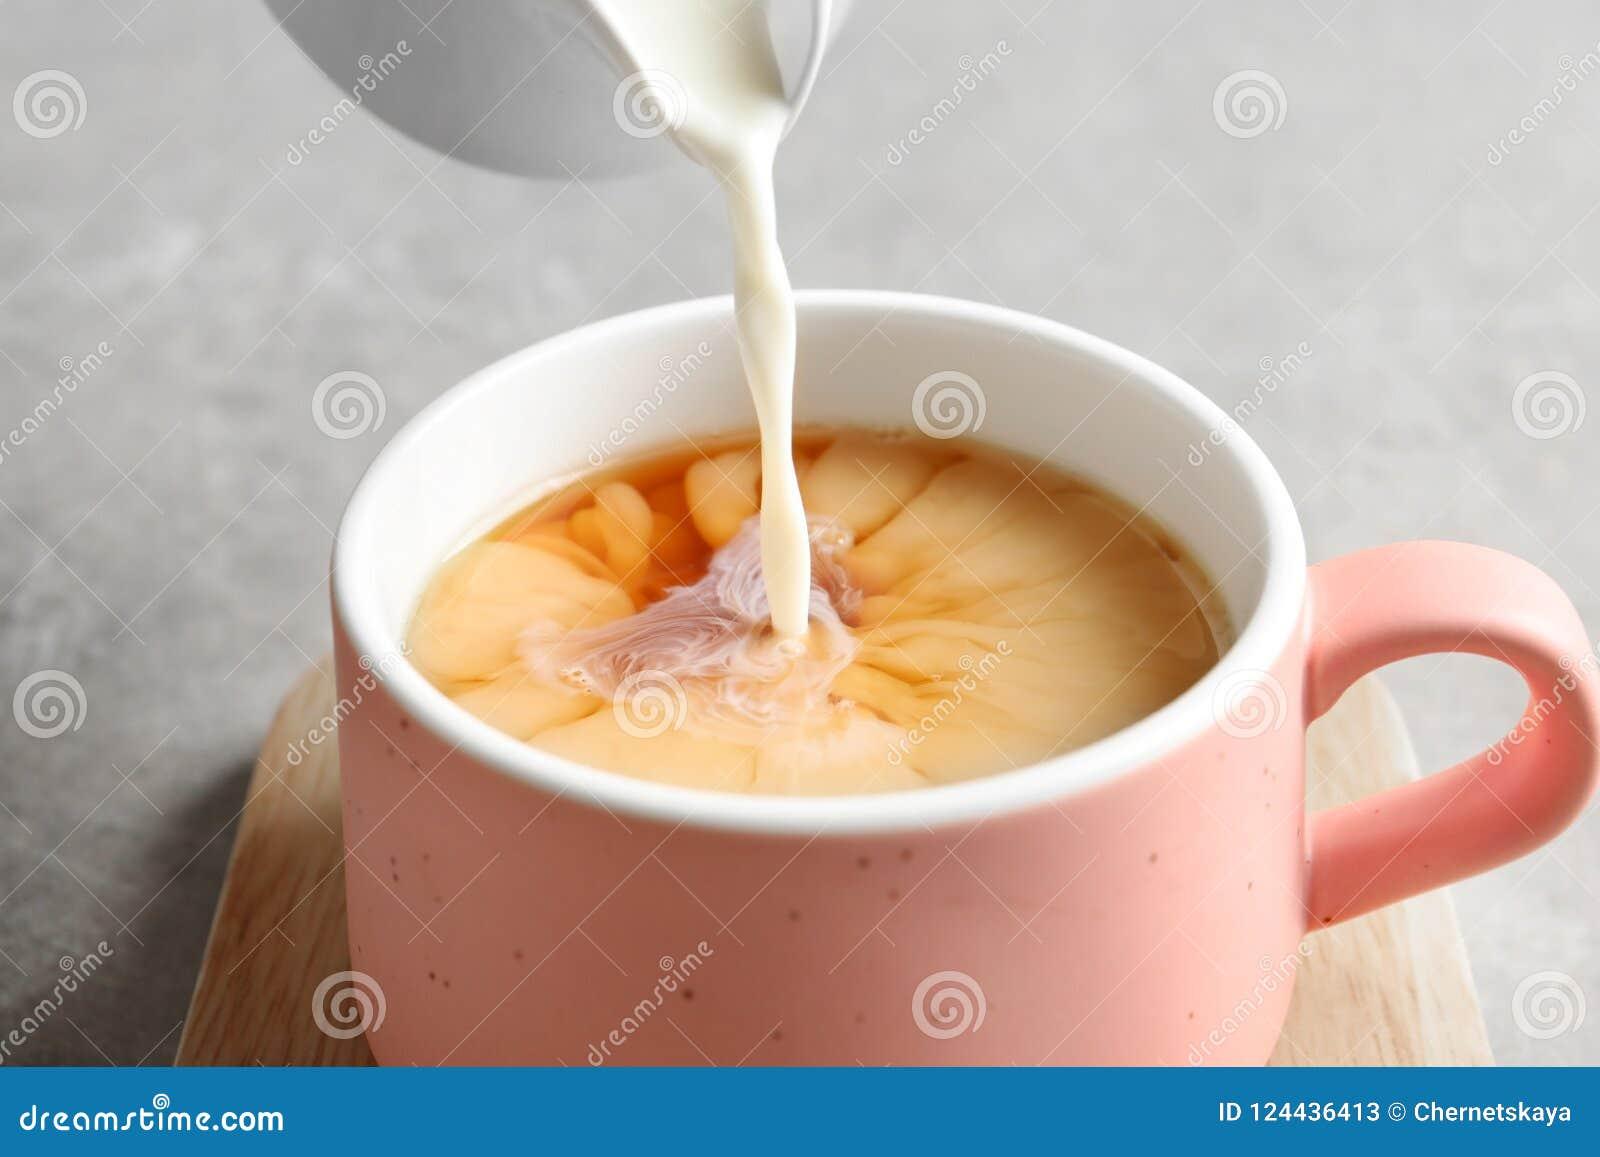 Лить молоко в чашку черного чая на серой таблице